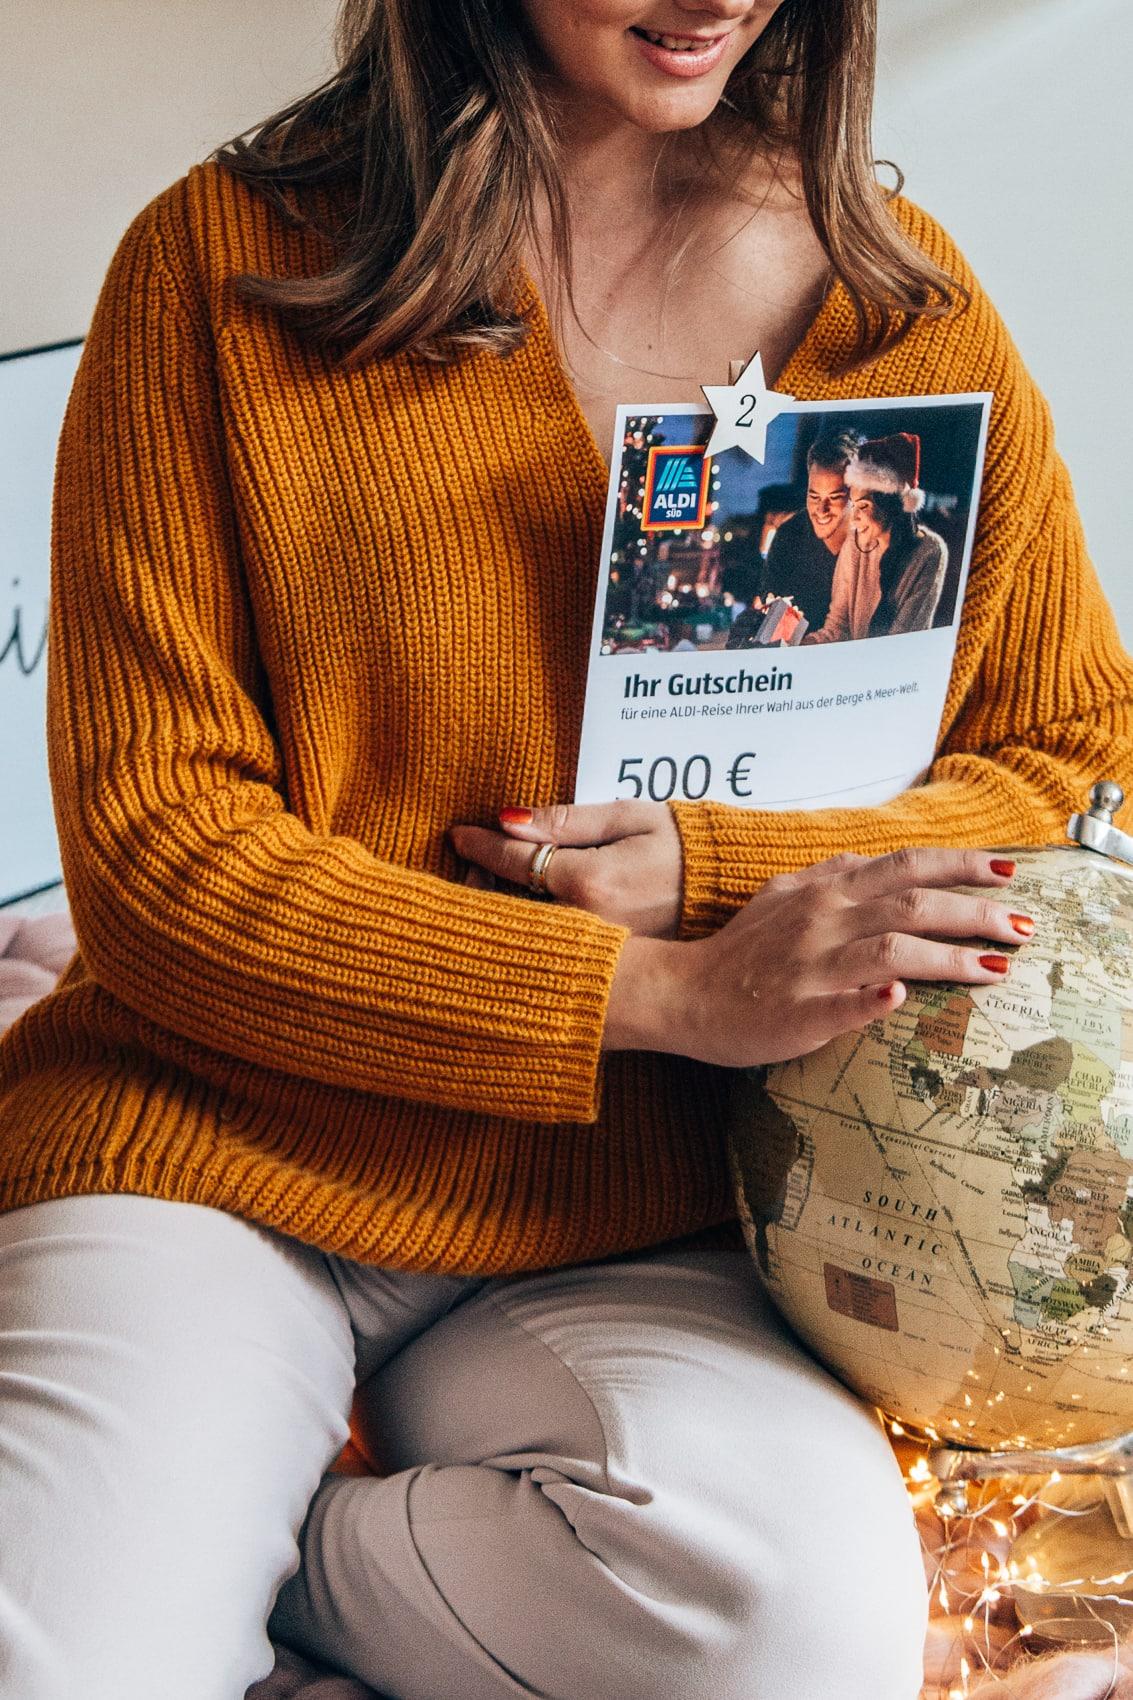 Adventskalender Türchen 2: 1000 Euro Reisegutschein von Aldi